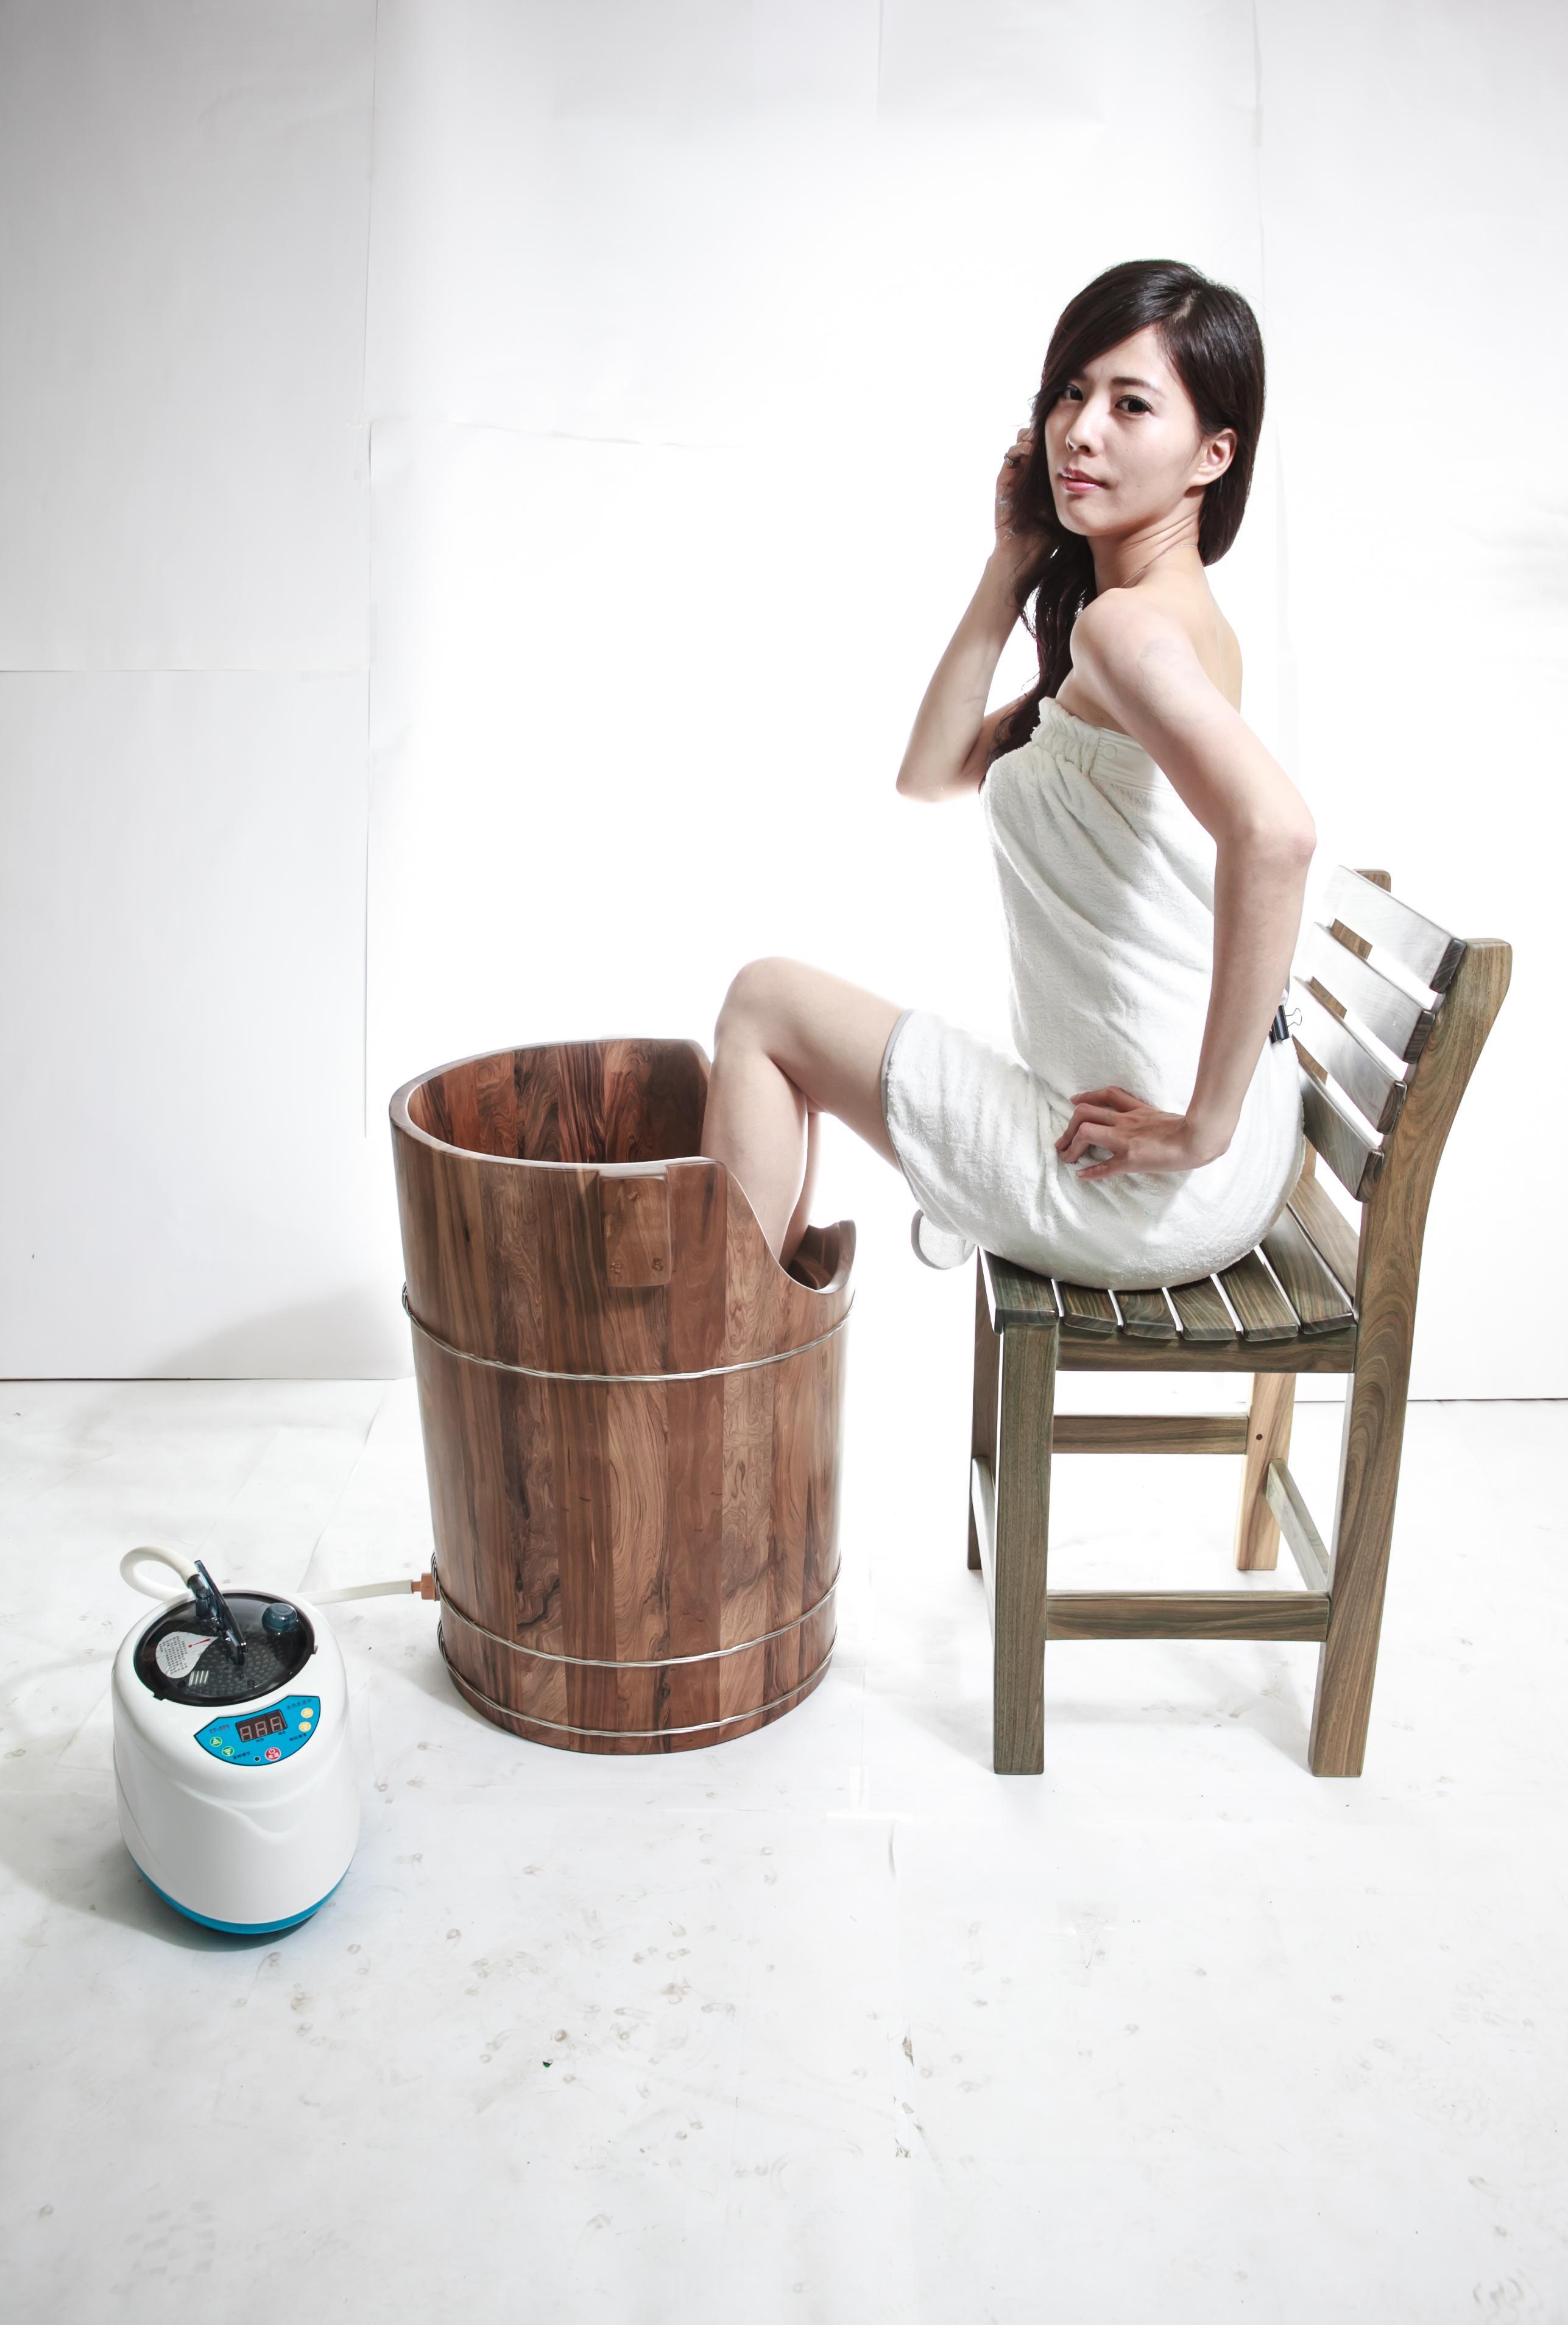 蒸腳幫助血液循環 檀香木蒸腳桶 足蒸桶 蒸腰桶 台灣第一領導品牌-雅典木桶 木浴缸、方形木桶、泡腳桶、蒸腳桶、蒸氣烤箱